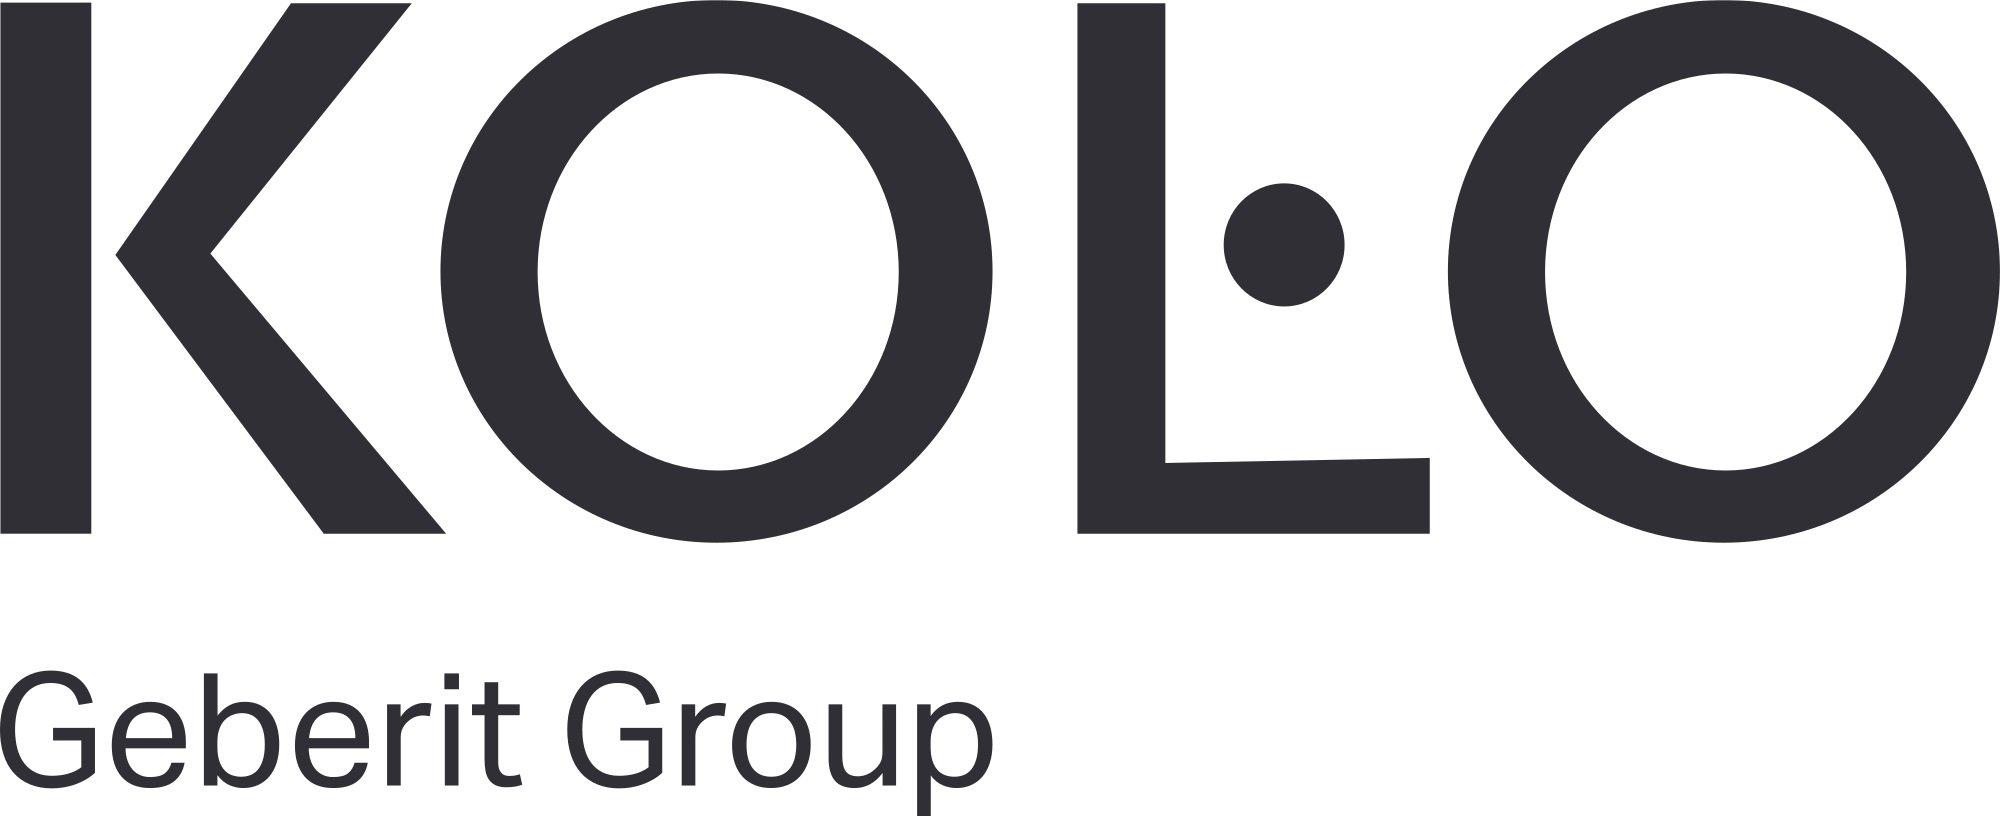 Imagini pentru kolo logo